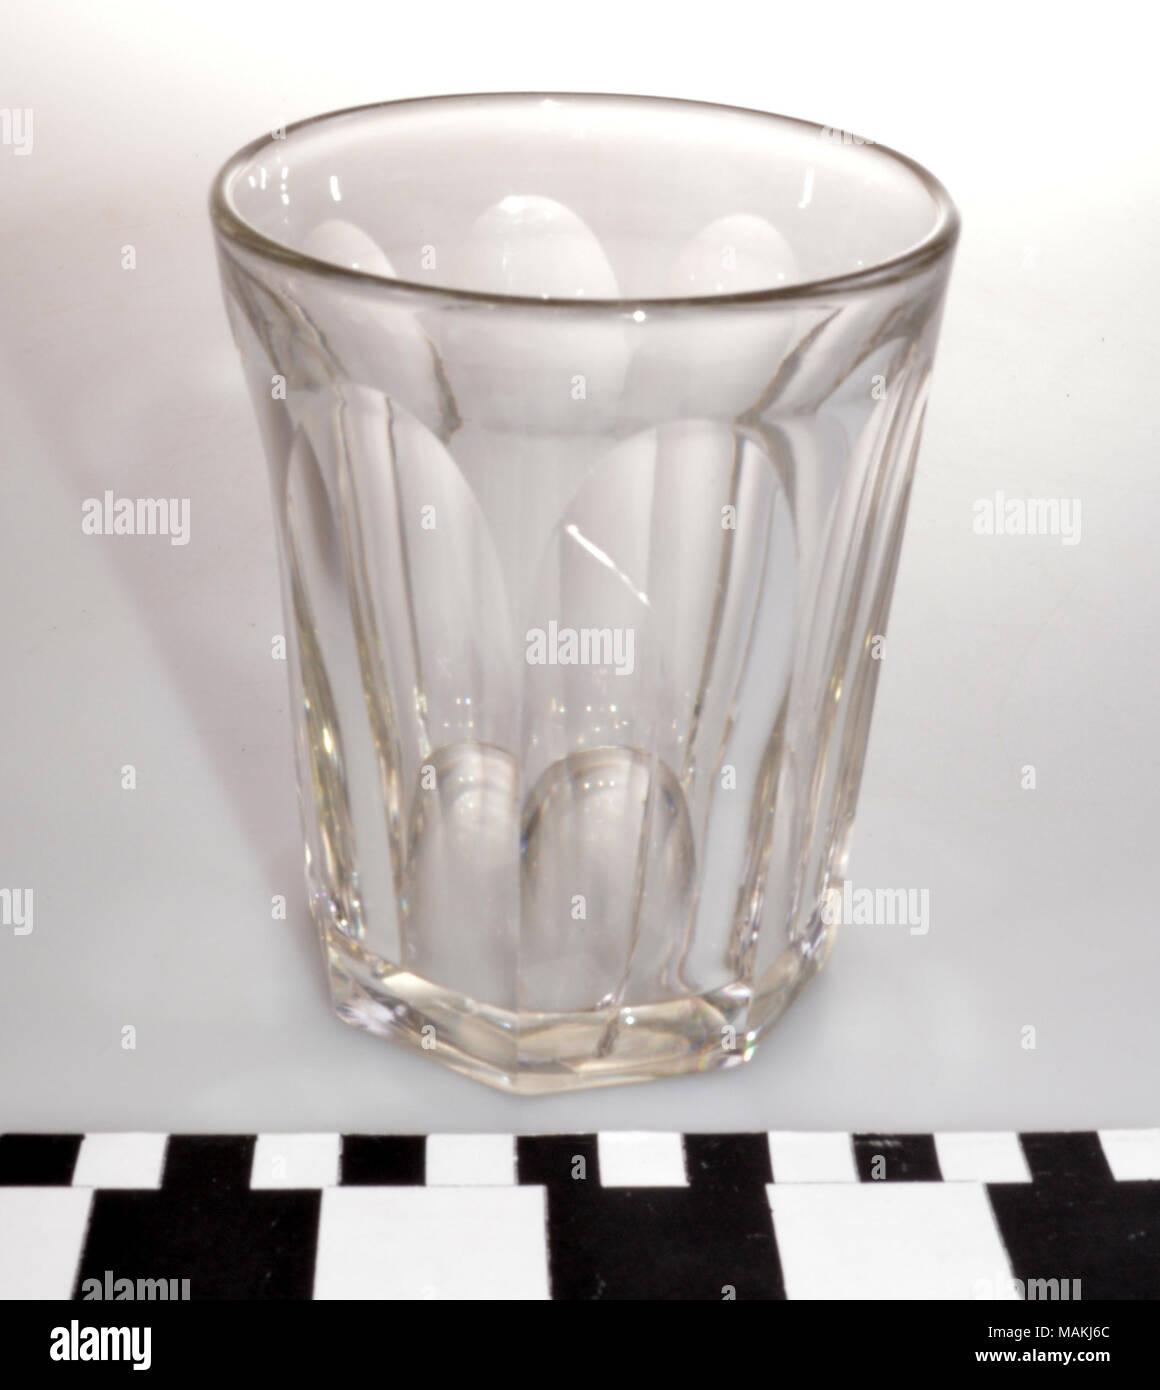 Inglese Tagliato Un Bicchiere Di Vetro Con Lati Sfaccettato Secondo